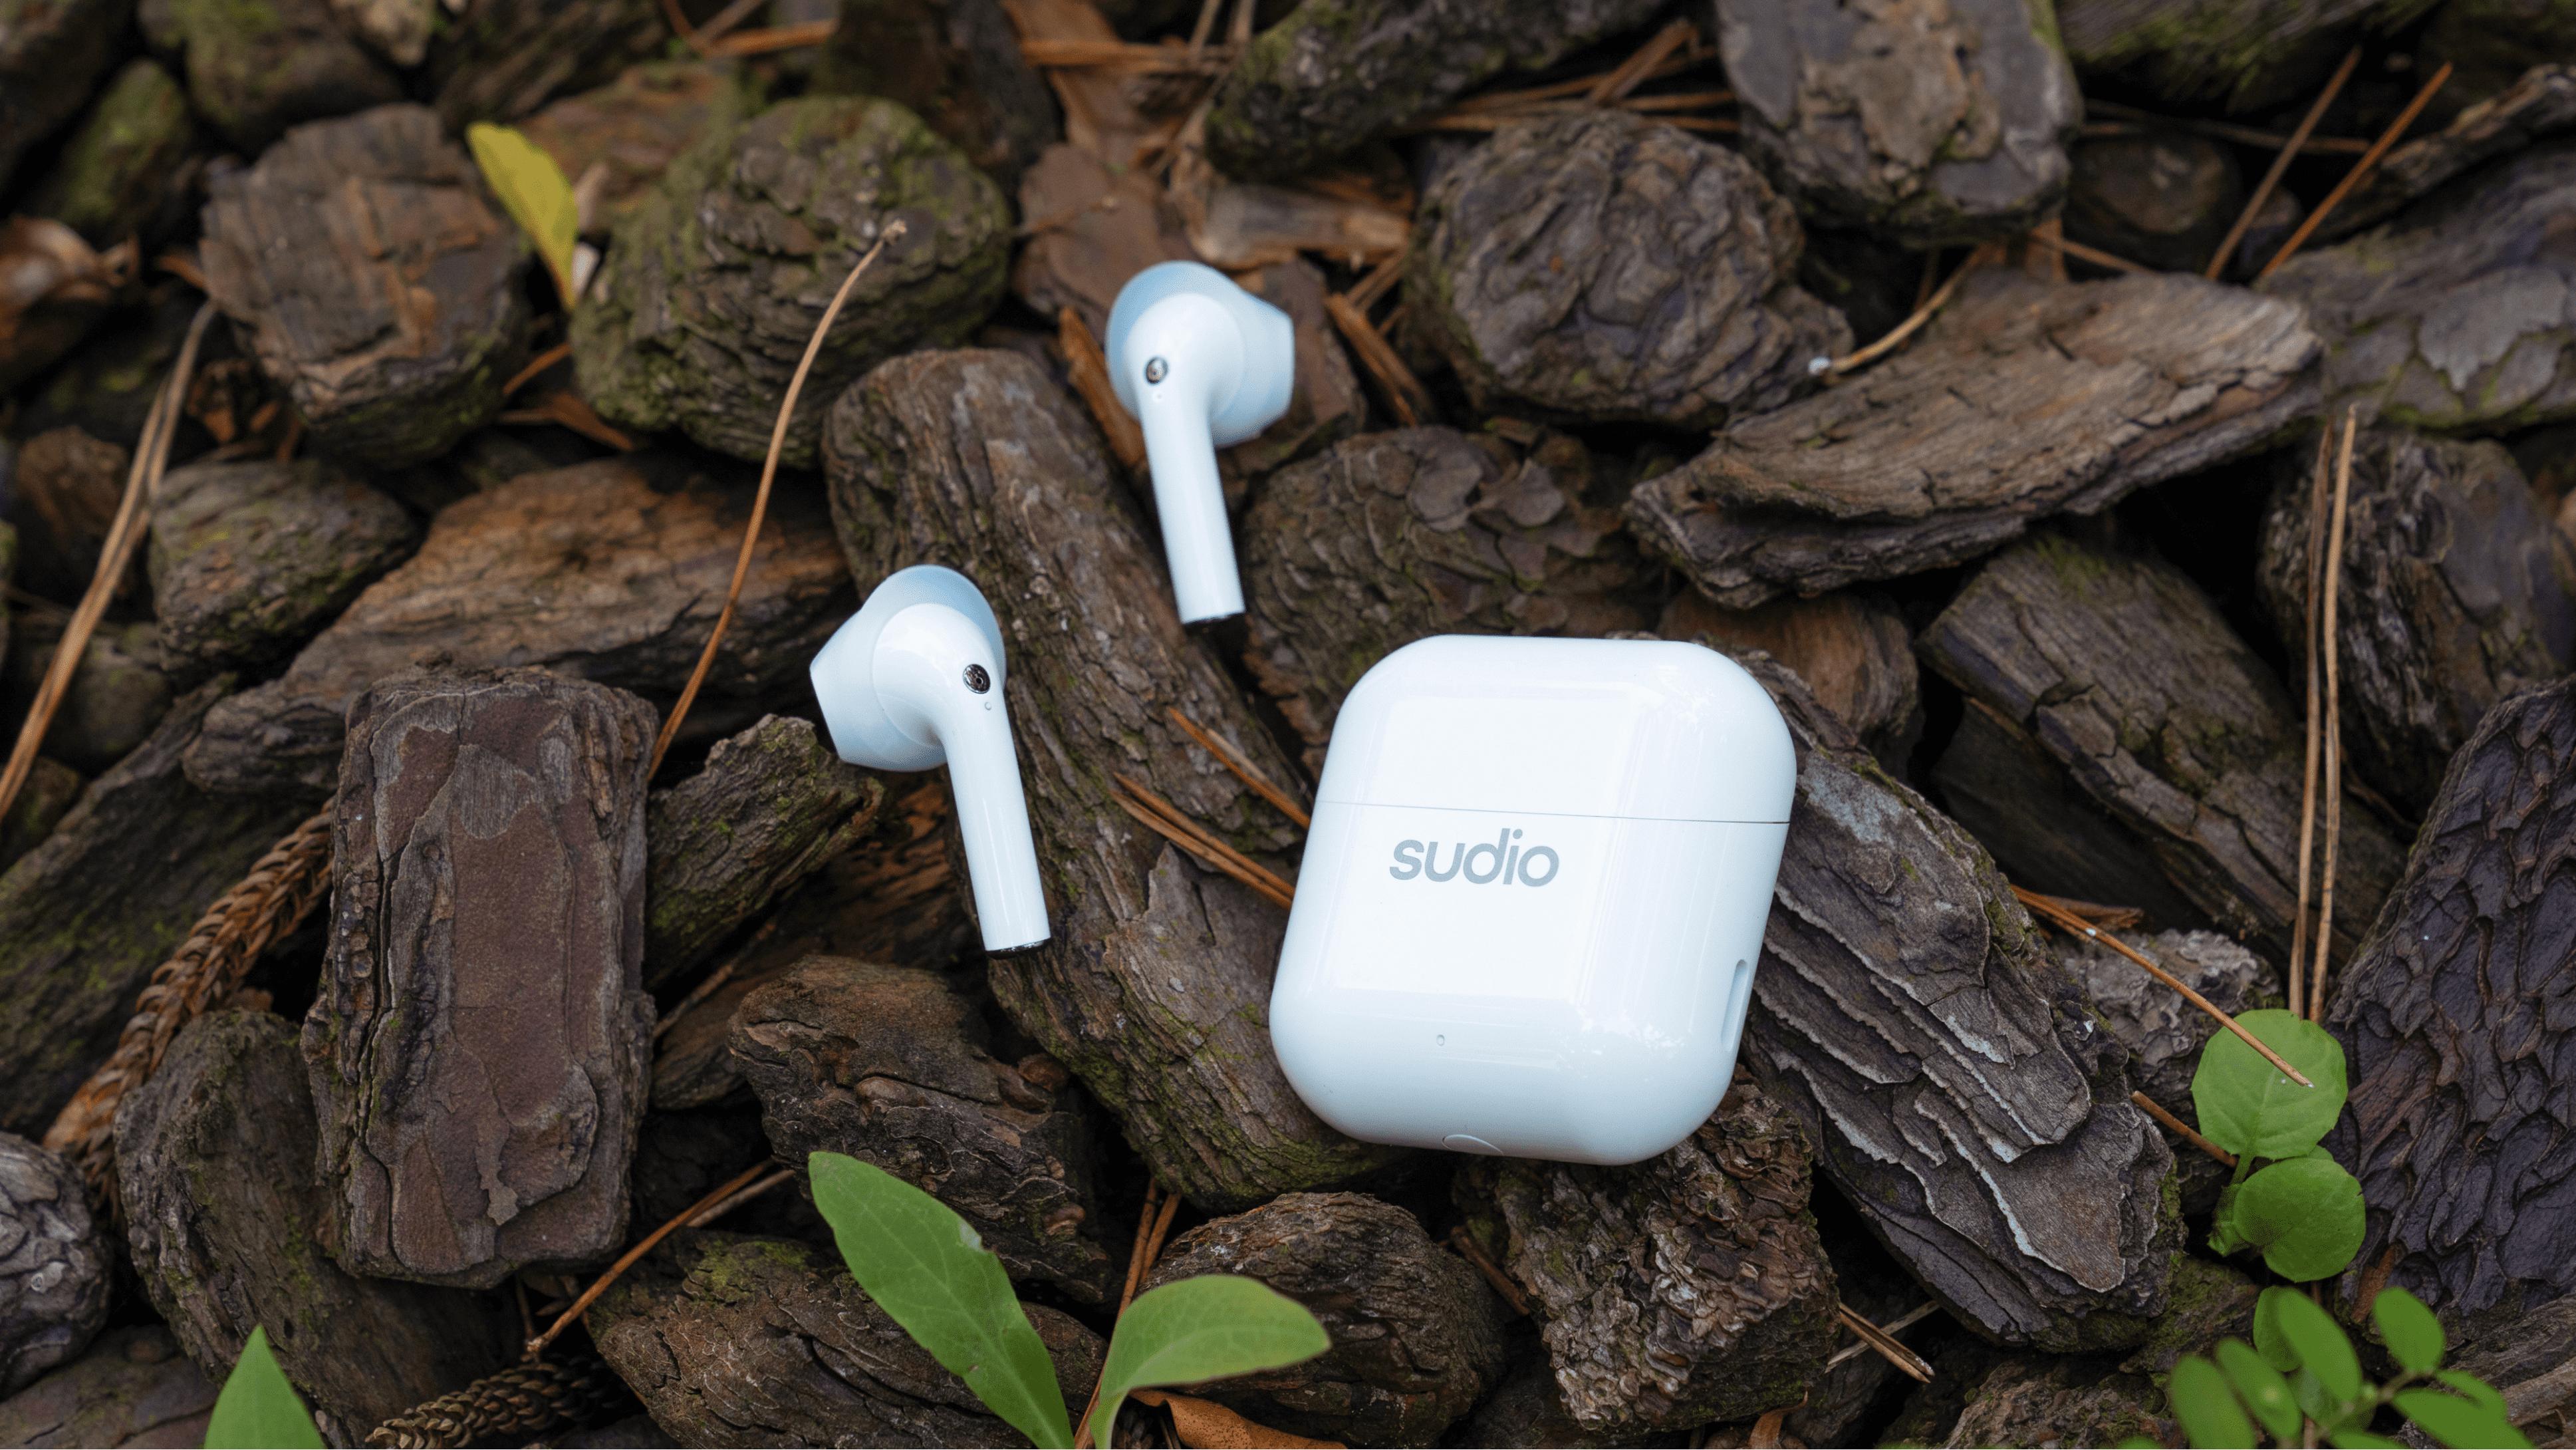 源自於北歐的質感簡約設計,「Sudio Nio 真無線藍芽耳機」的迷人魅力